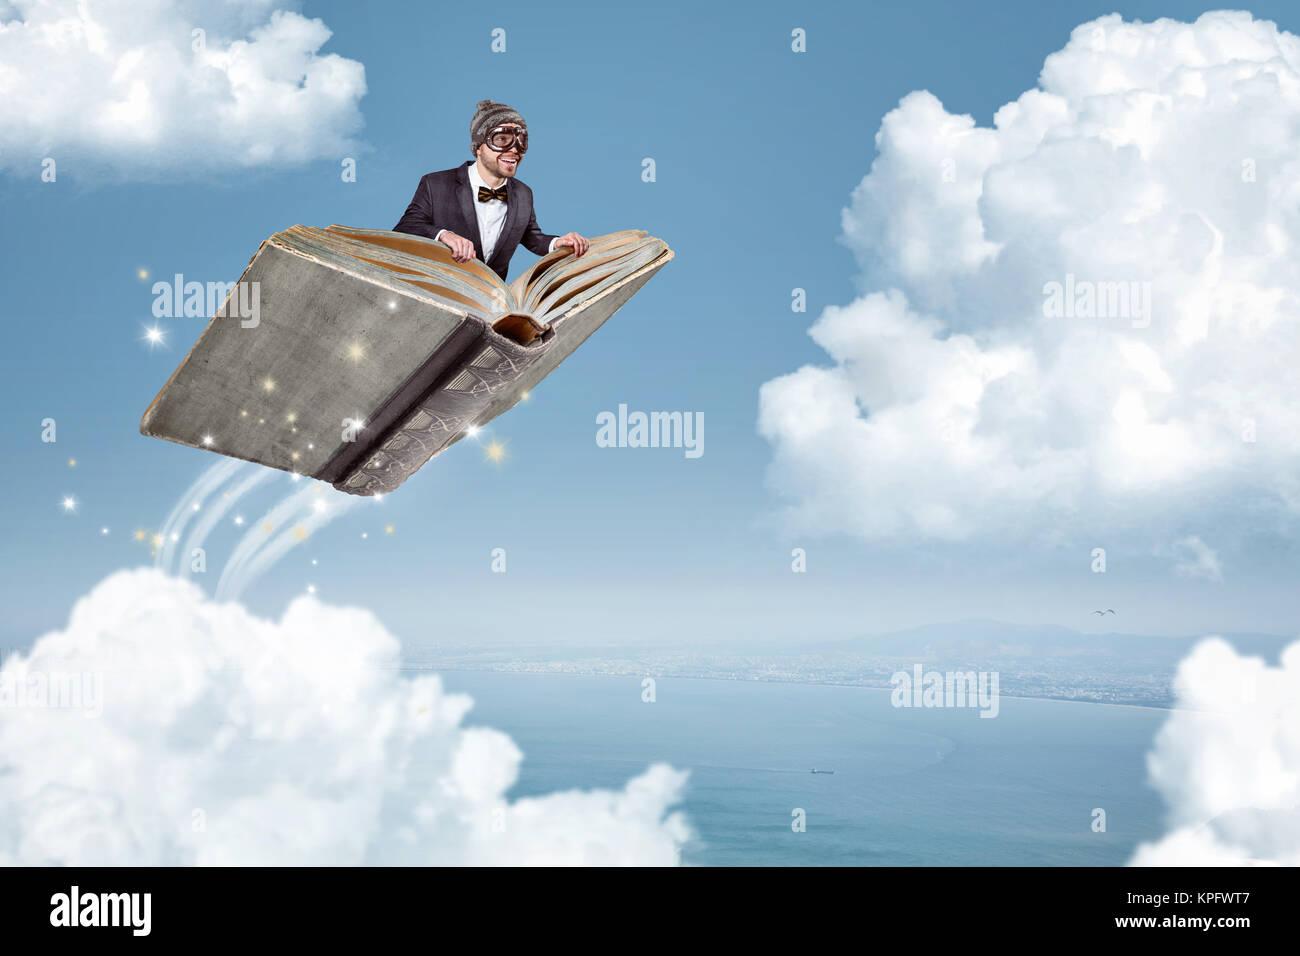 L Homme Volant Sur Un Livre Sur Les Nuages Banque D Images